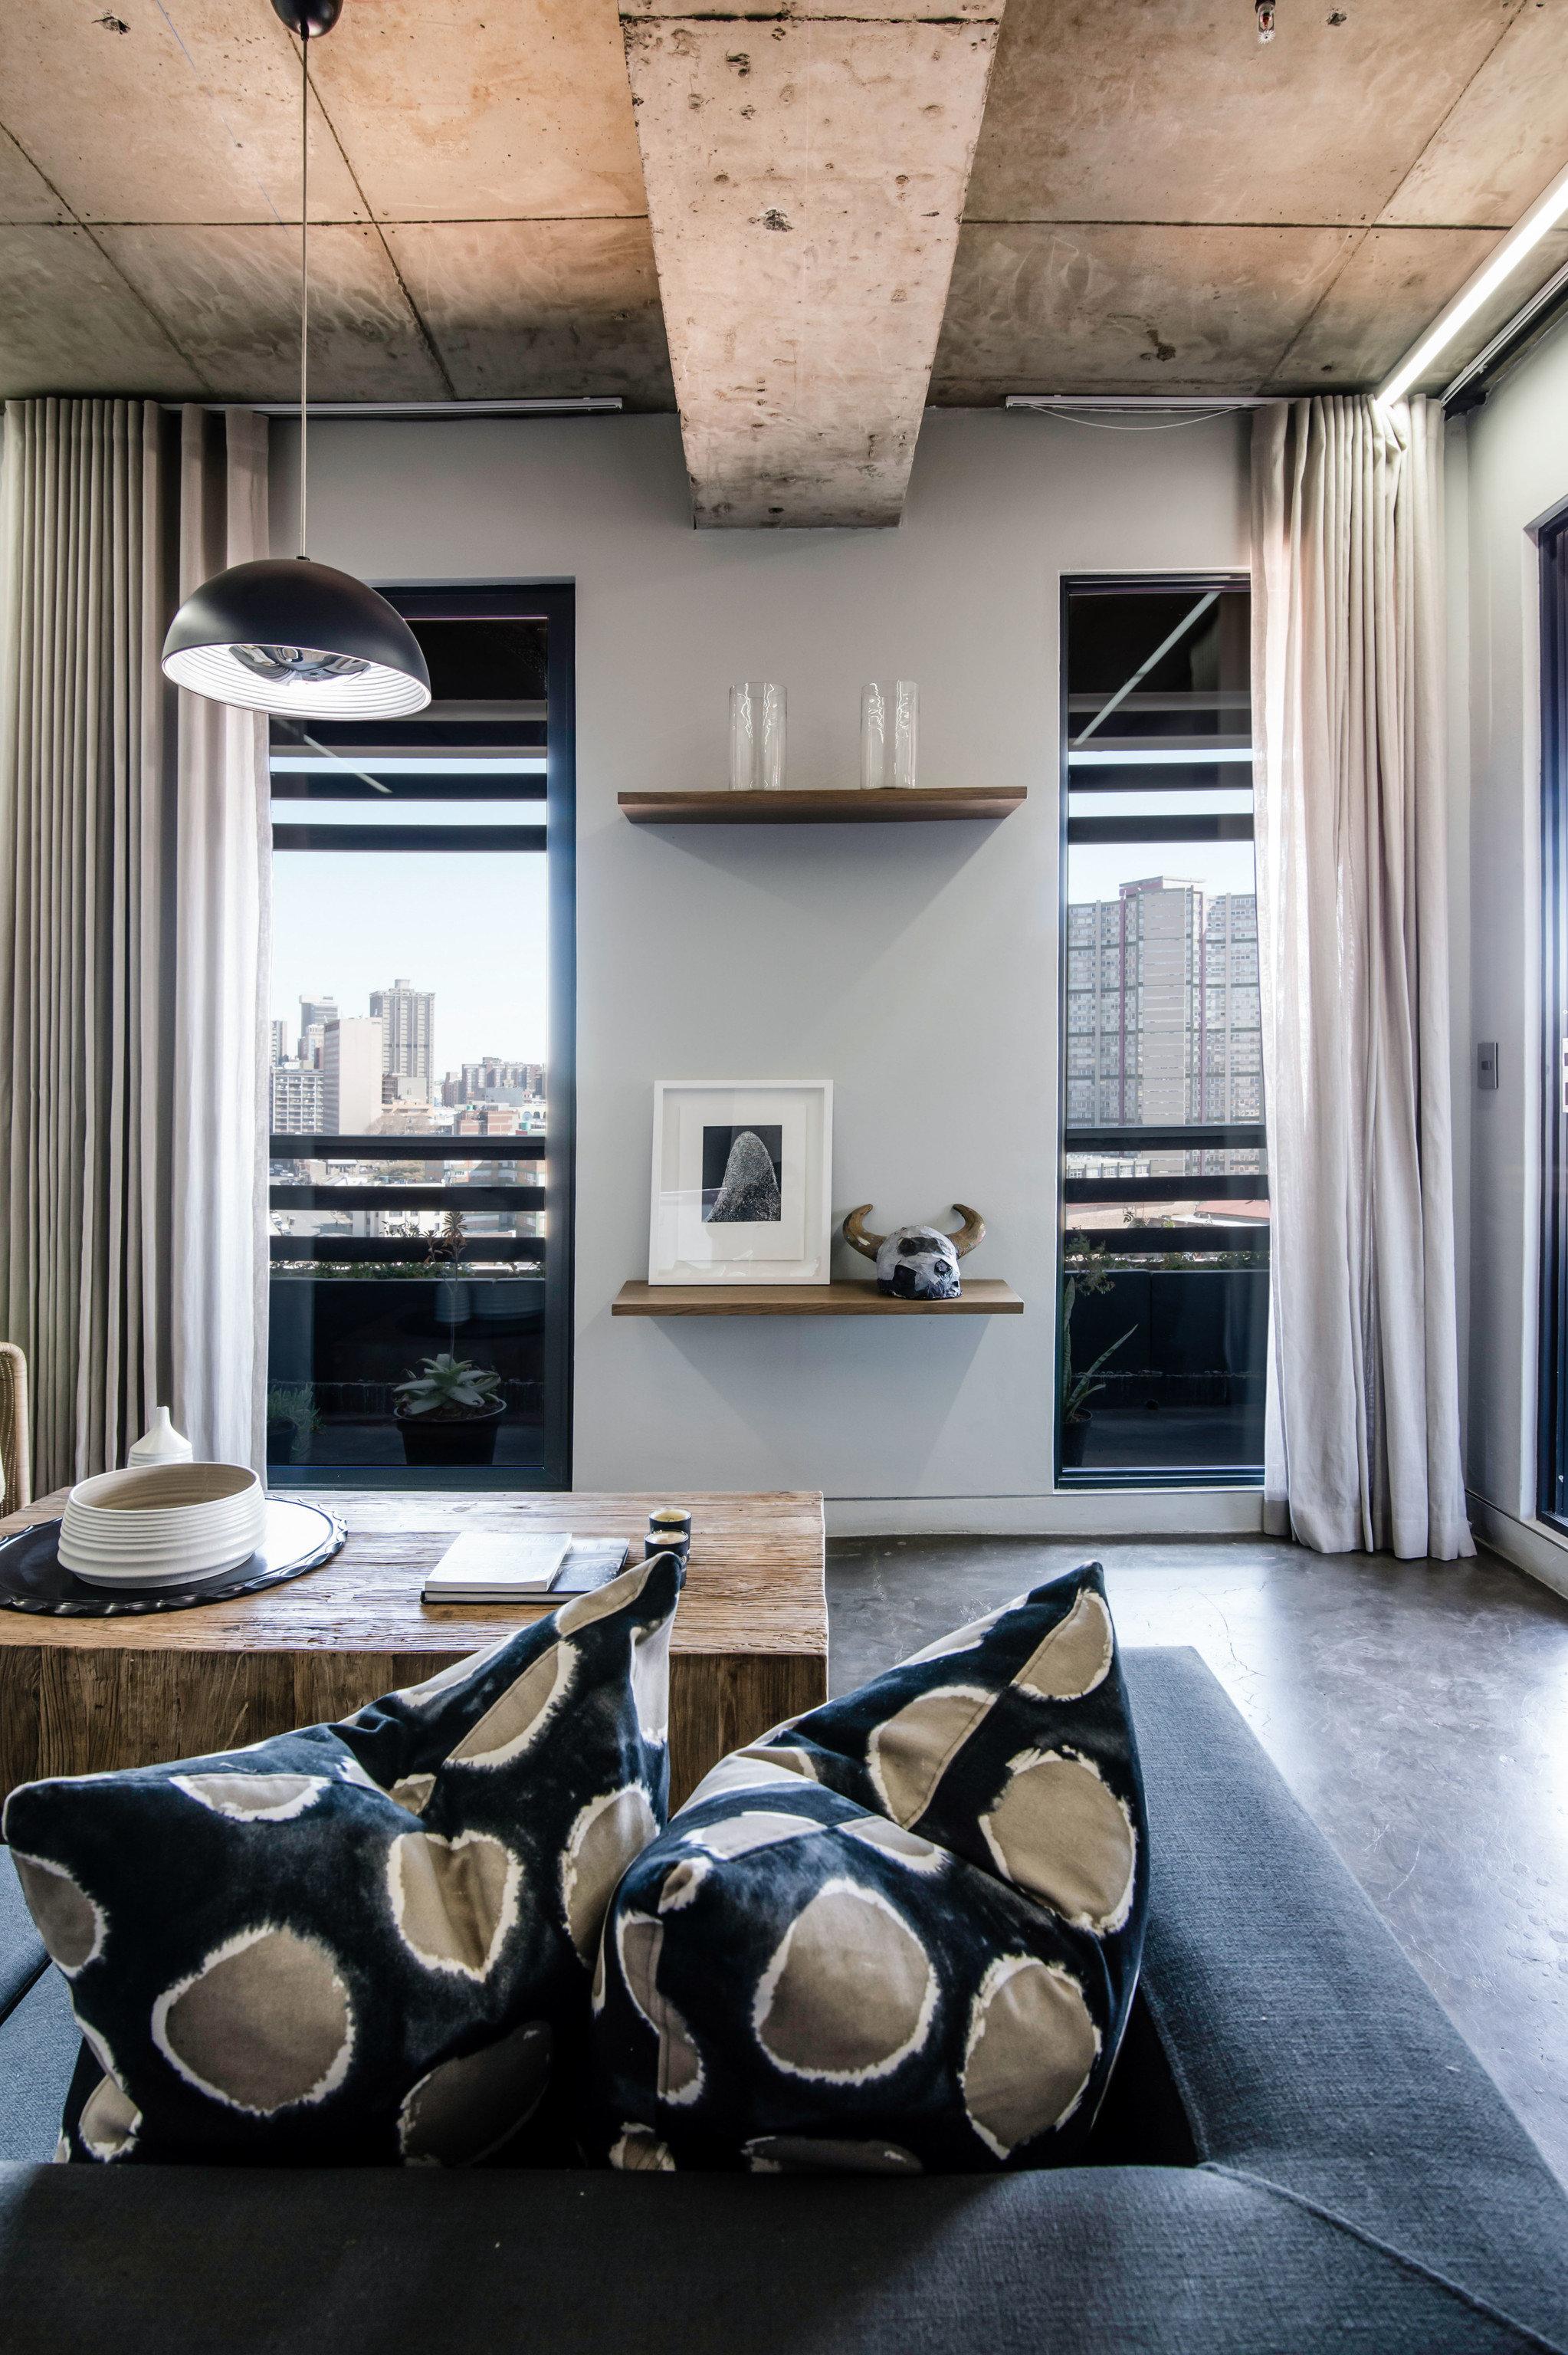 Arts + Culture Trip Ideas indoor window interior design room ceiling living room furniture table house loft interior designer